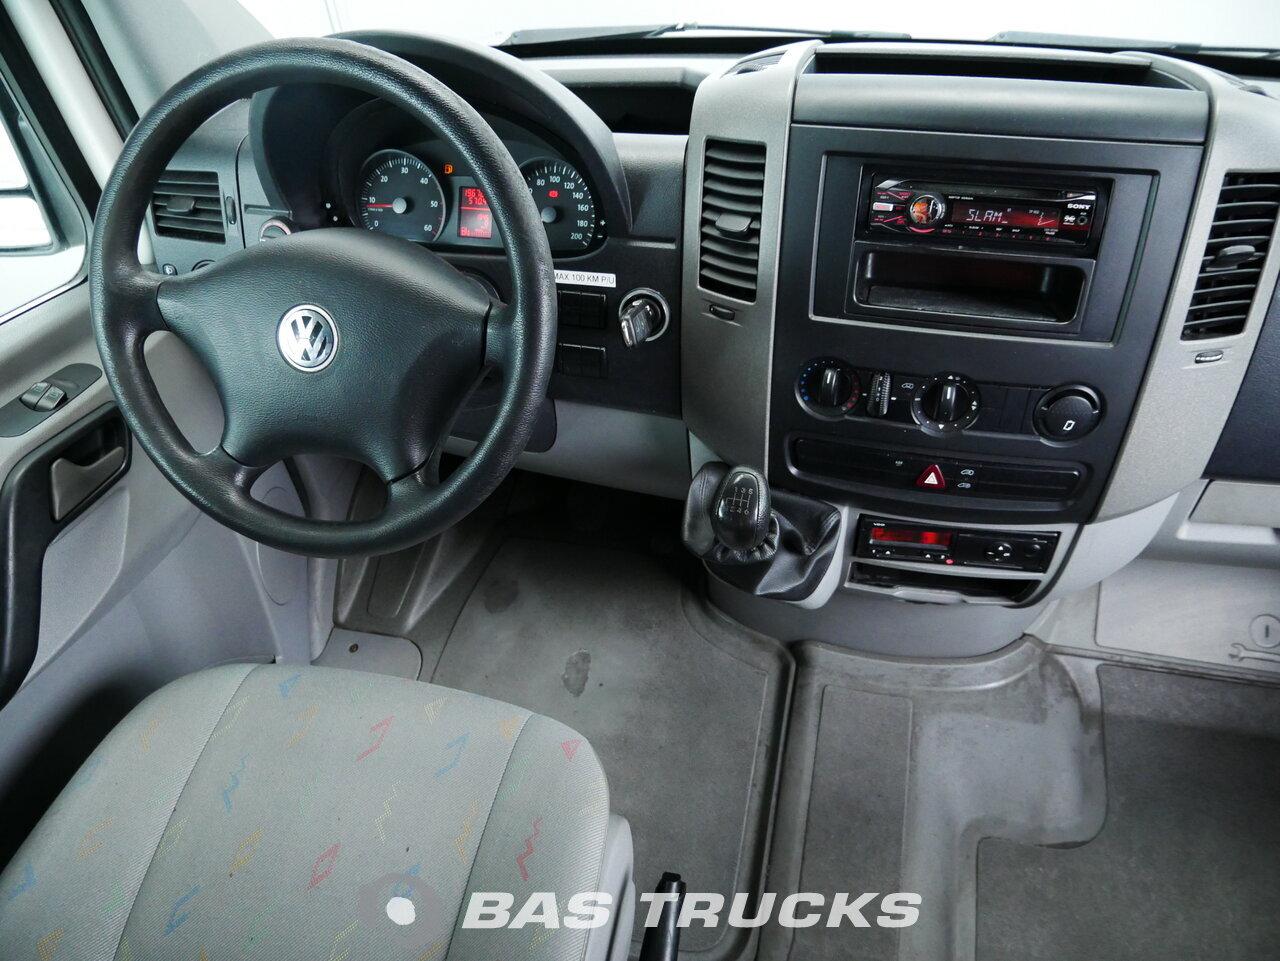 foto di Usato Veicolo commerciale leggero Volkswagen Crafter 2.5 TDI 2008